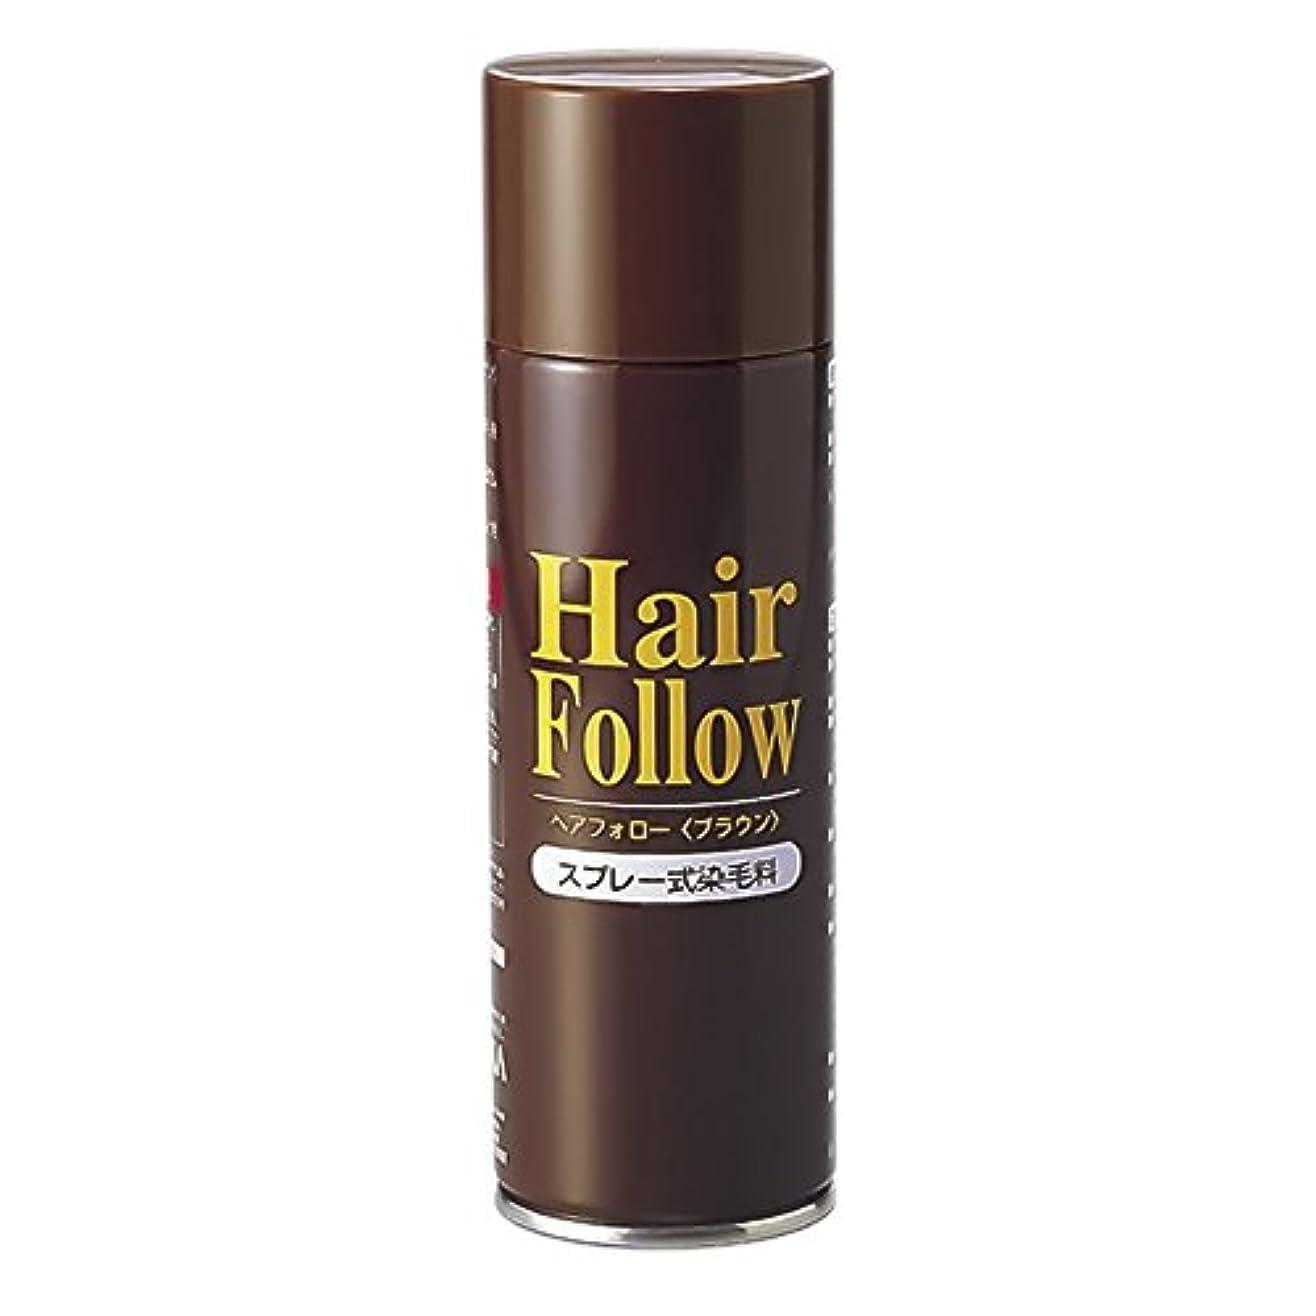 大胆割り当て耐えられるヘアフォロー ブラウン 150g